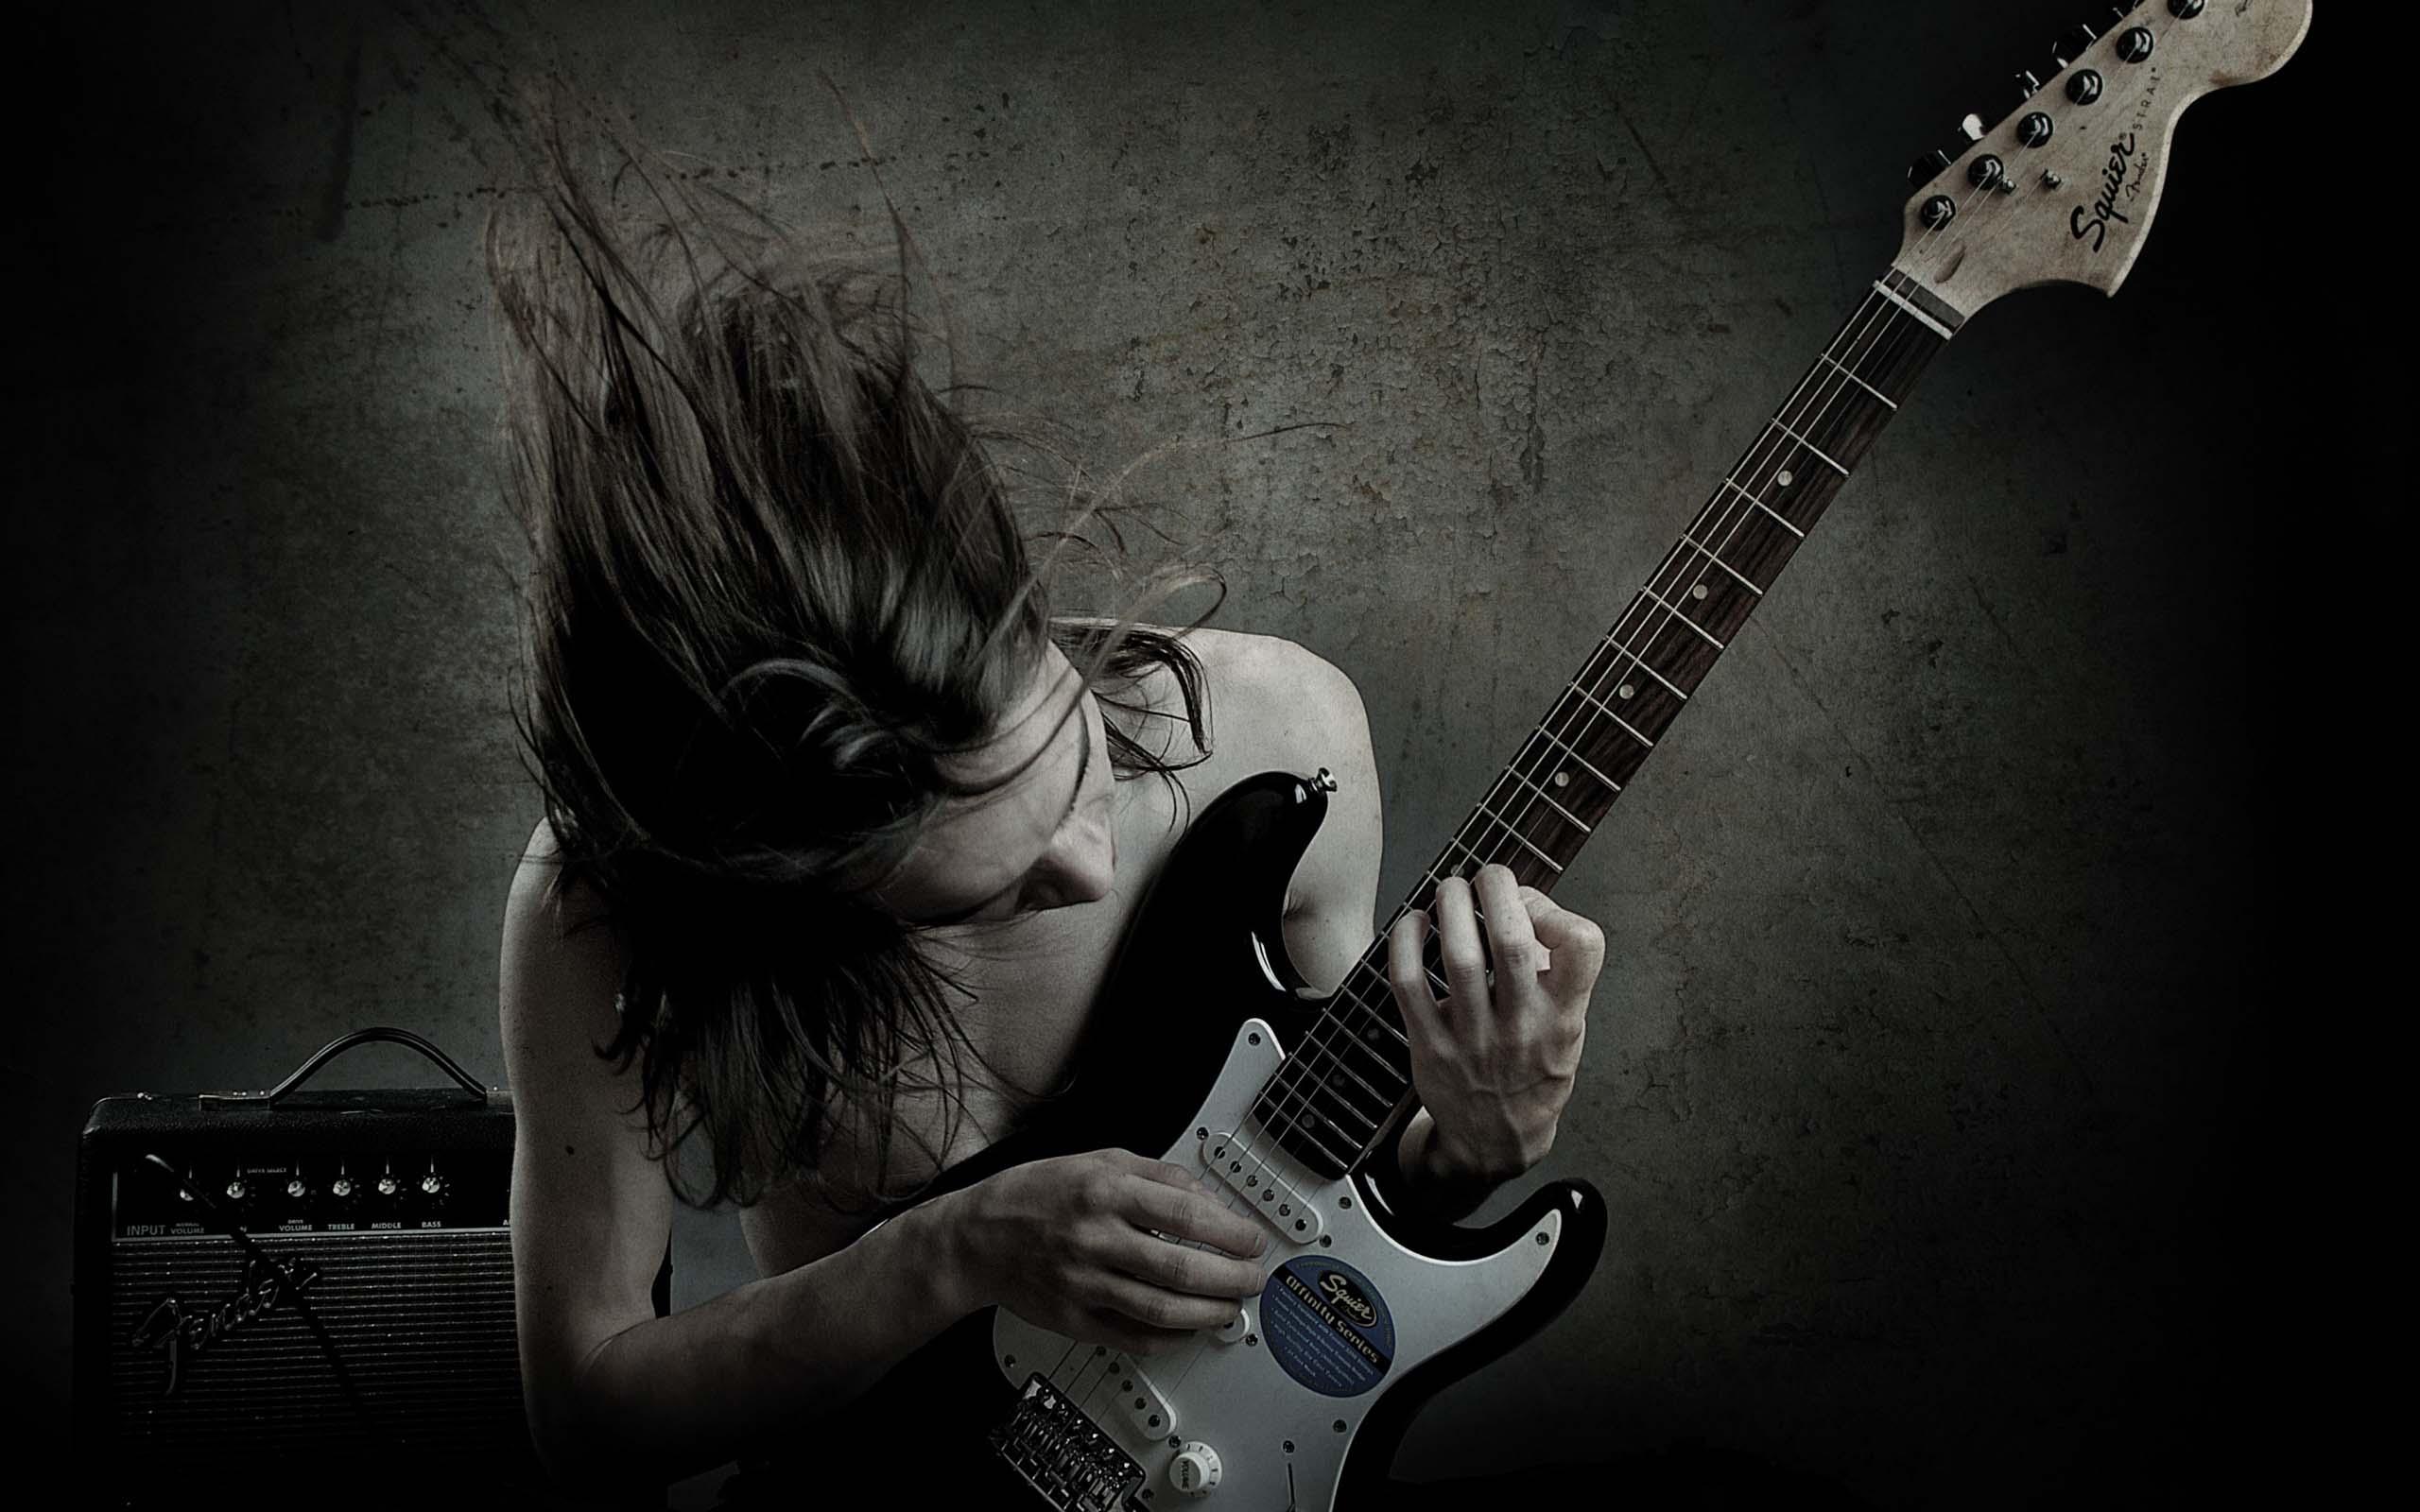 Artistic Cool Guitar Wallpaper